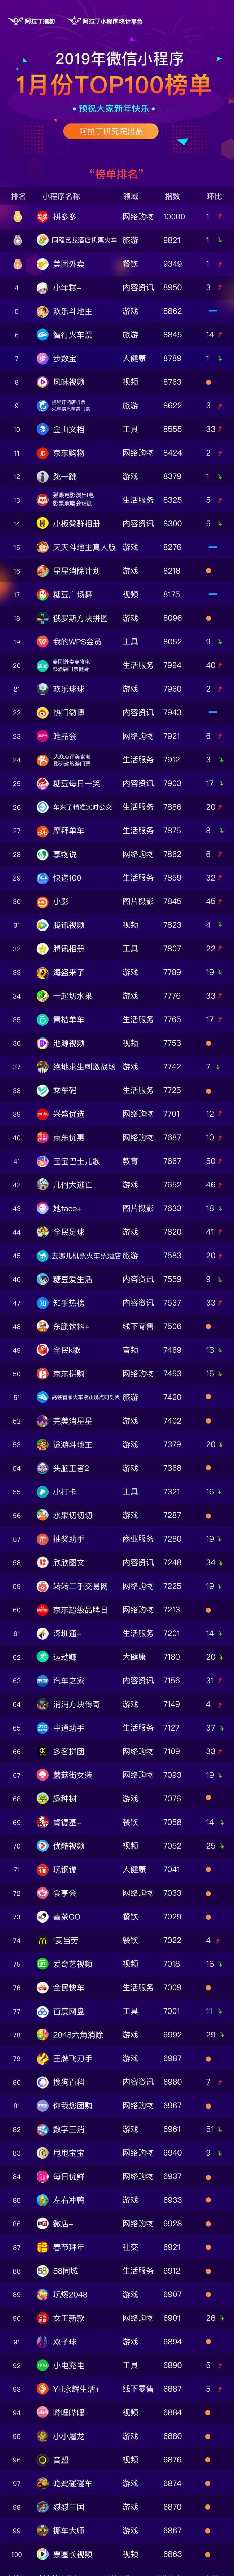 阿拉丁1月TOP100榜单发布